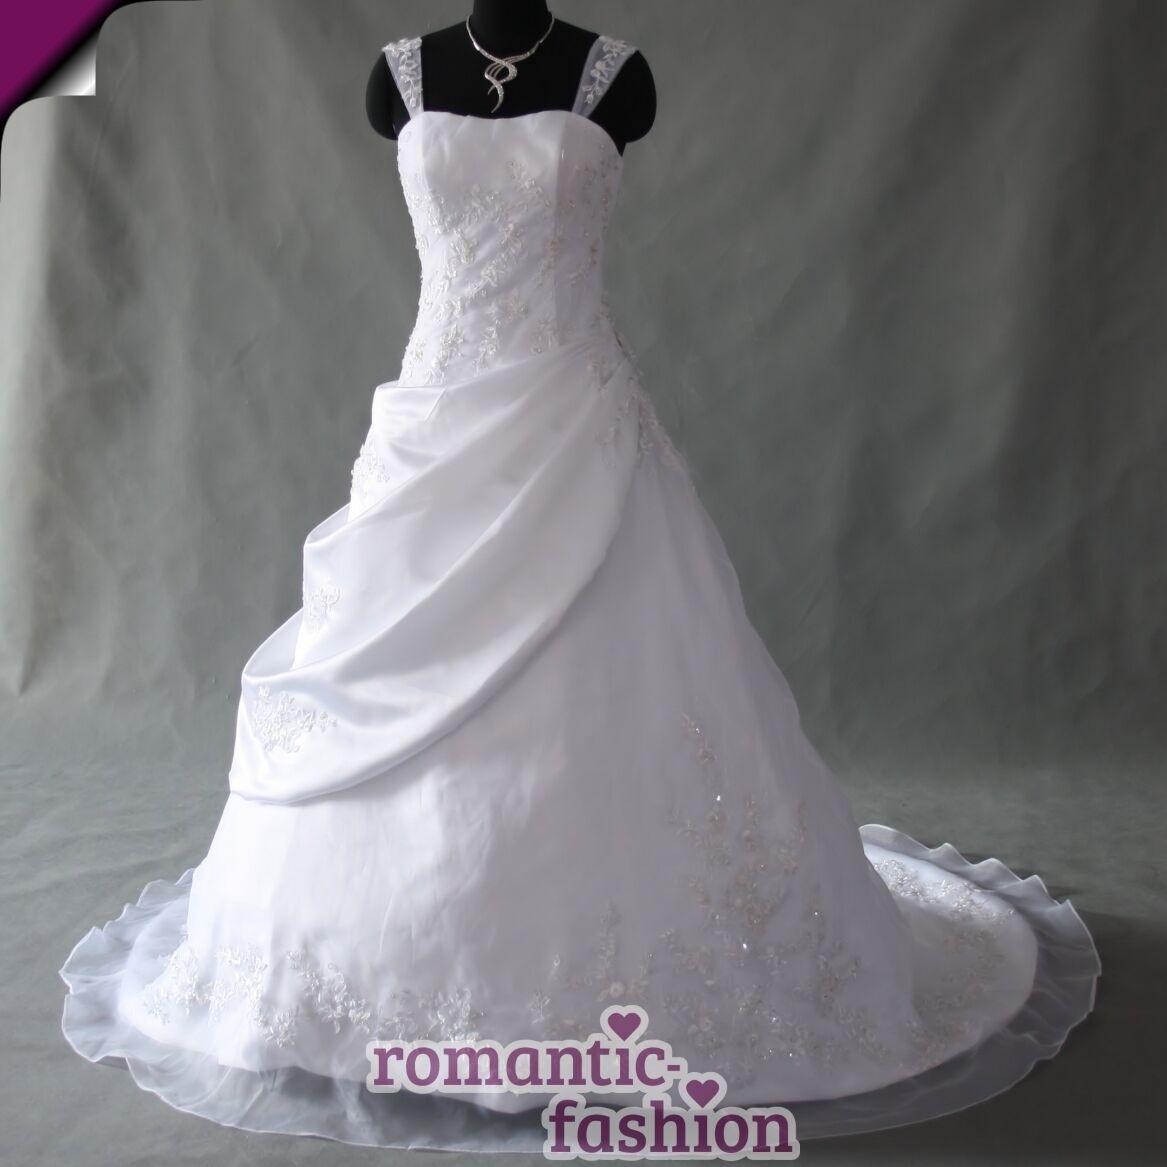 ♥Brautkleid, Hochzeitskleid Hochzeitskleid Hochzeitskleid Größe 34 bis 54 in Weiß +NEU+SOFORT+TOP+W040♥ | Schenken Sie Ihrem Kind eine glückliche Kindheit  1d0e02